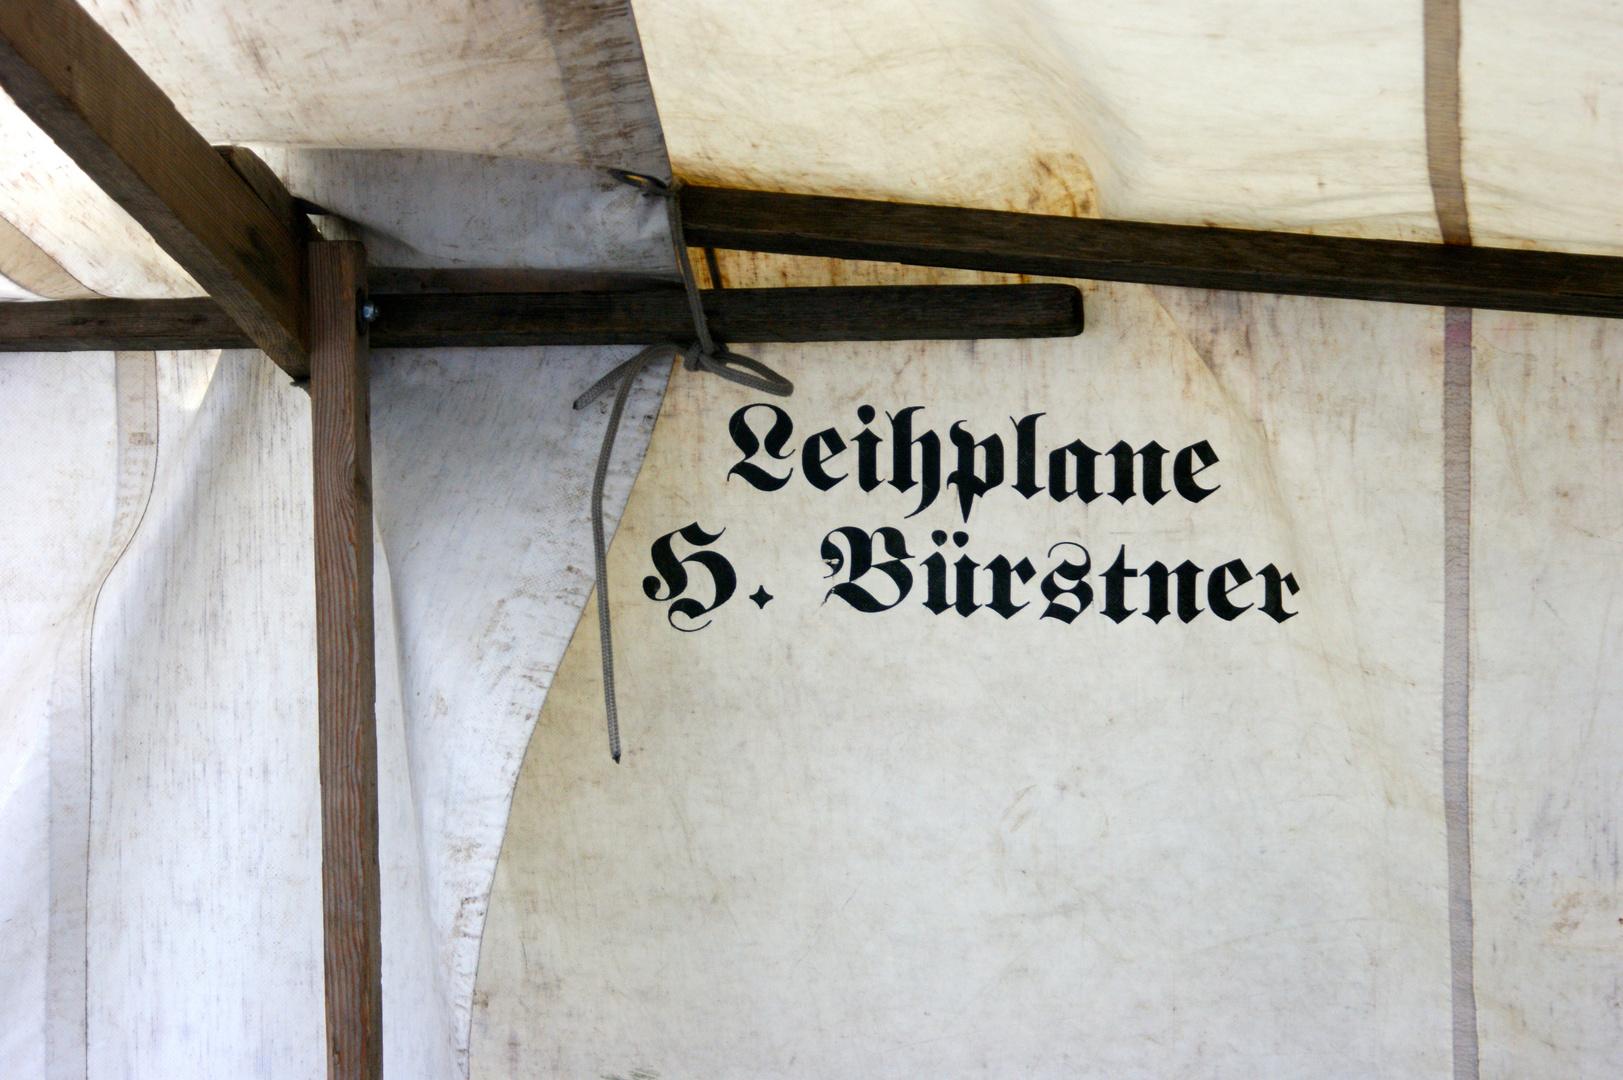 Leihplane H. Bürstner